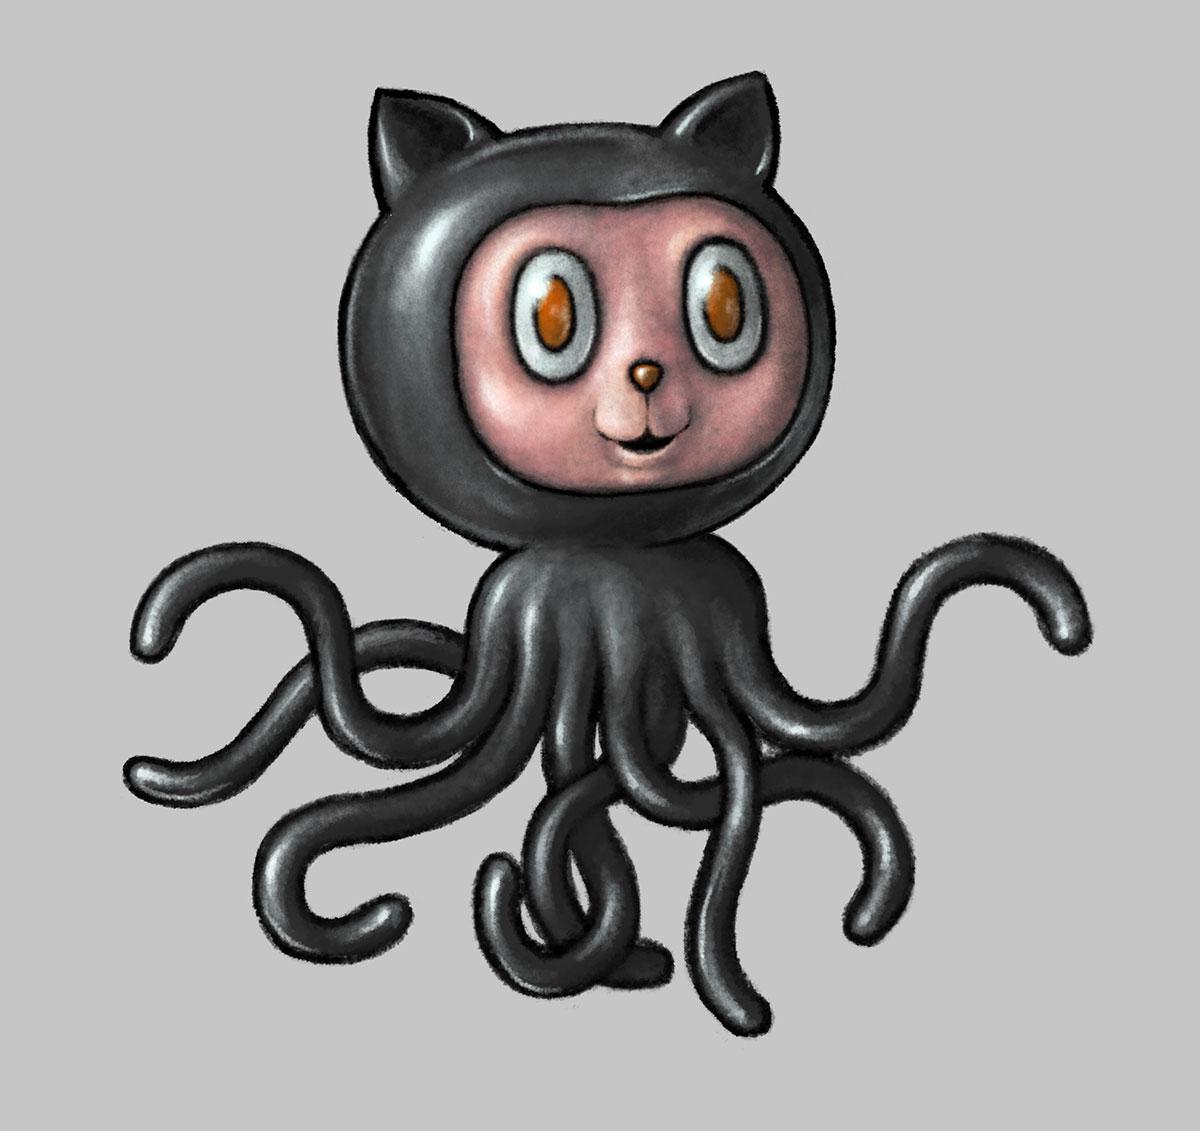 The Octokitty